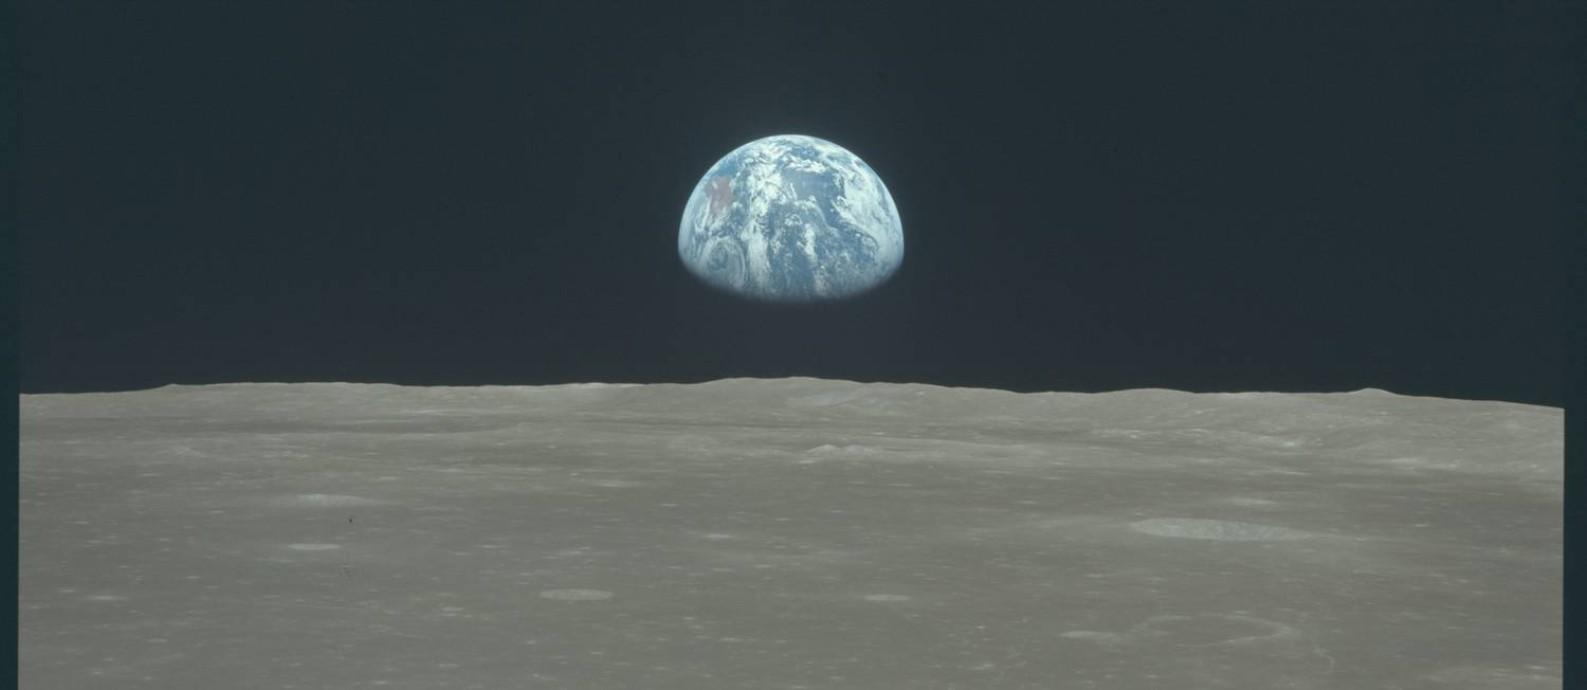 'Nascer da Terra' visto pelos astronautas da Apollo 11 na órbita da Lua: sucesso da missão esgotou apelo de propaganda ideológica Foto: Nasa